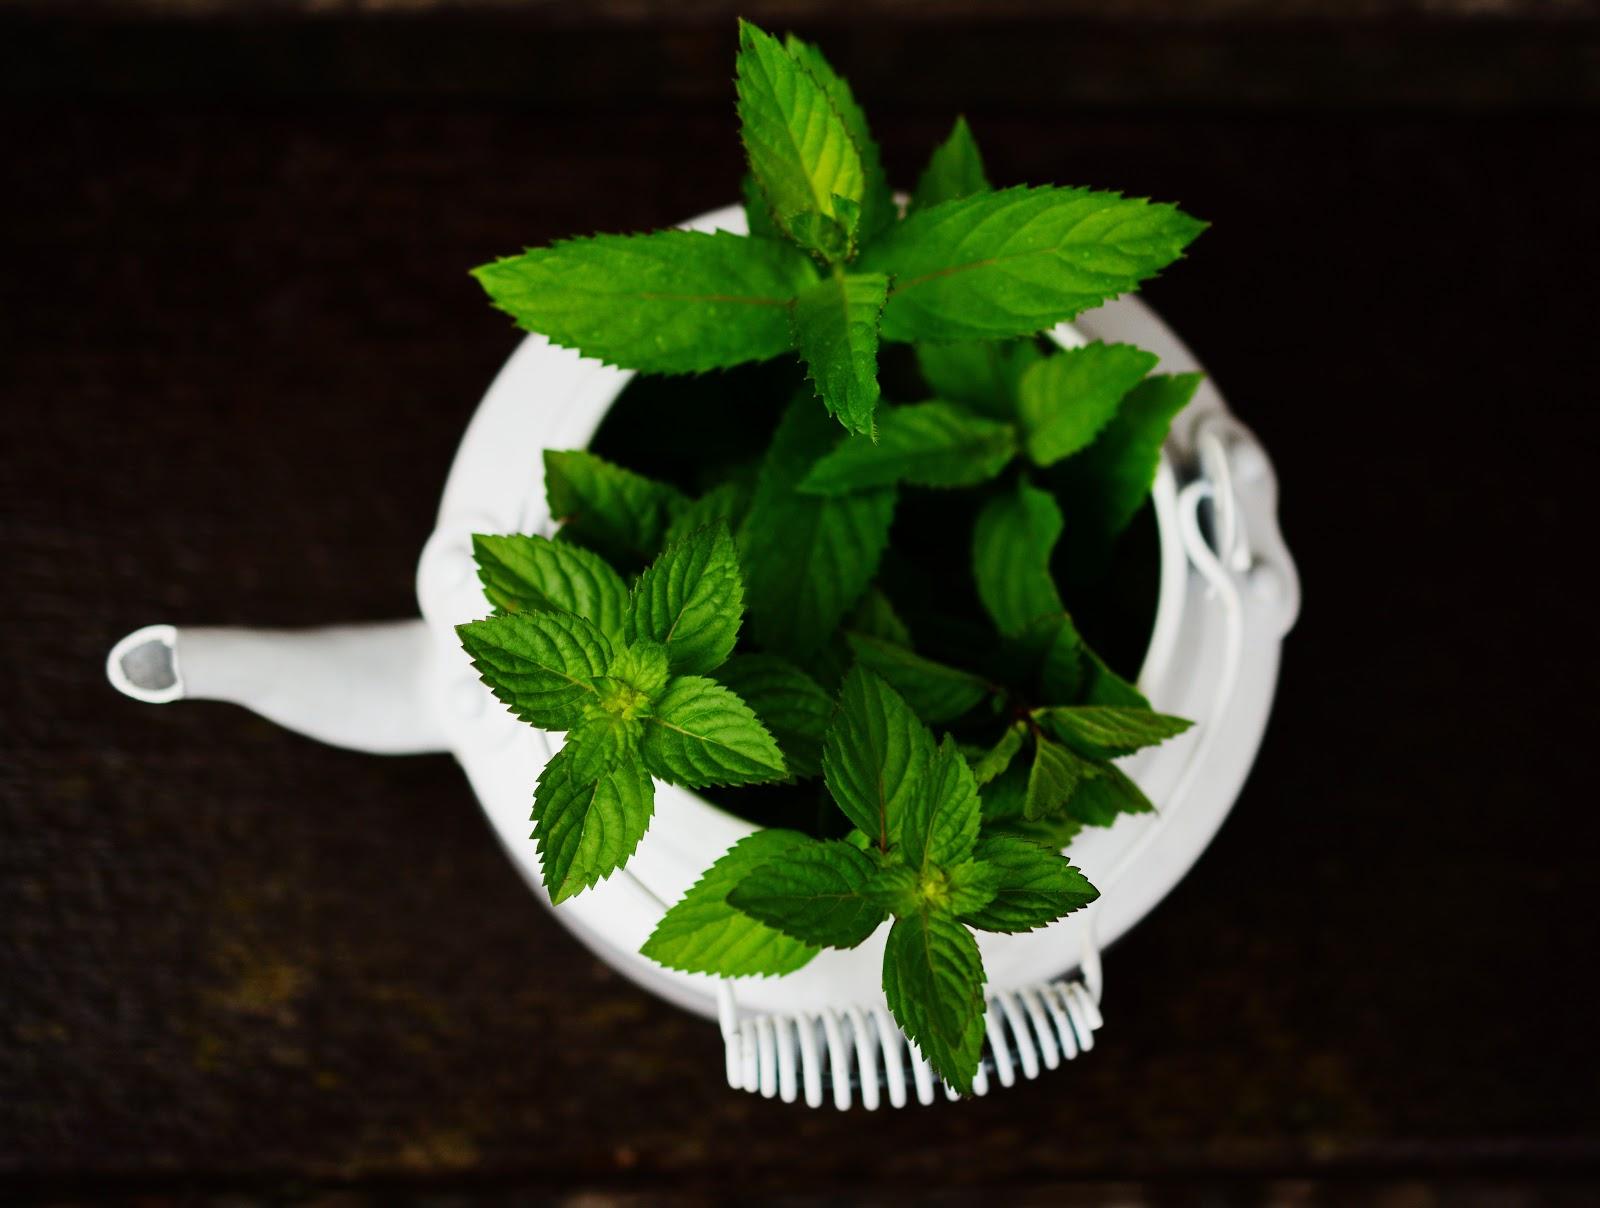 plantes-mincir-diéthétique-sport-perte-poids-bénéfices-conseils-santé-beauté